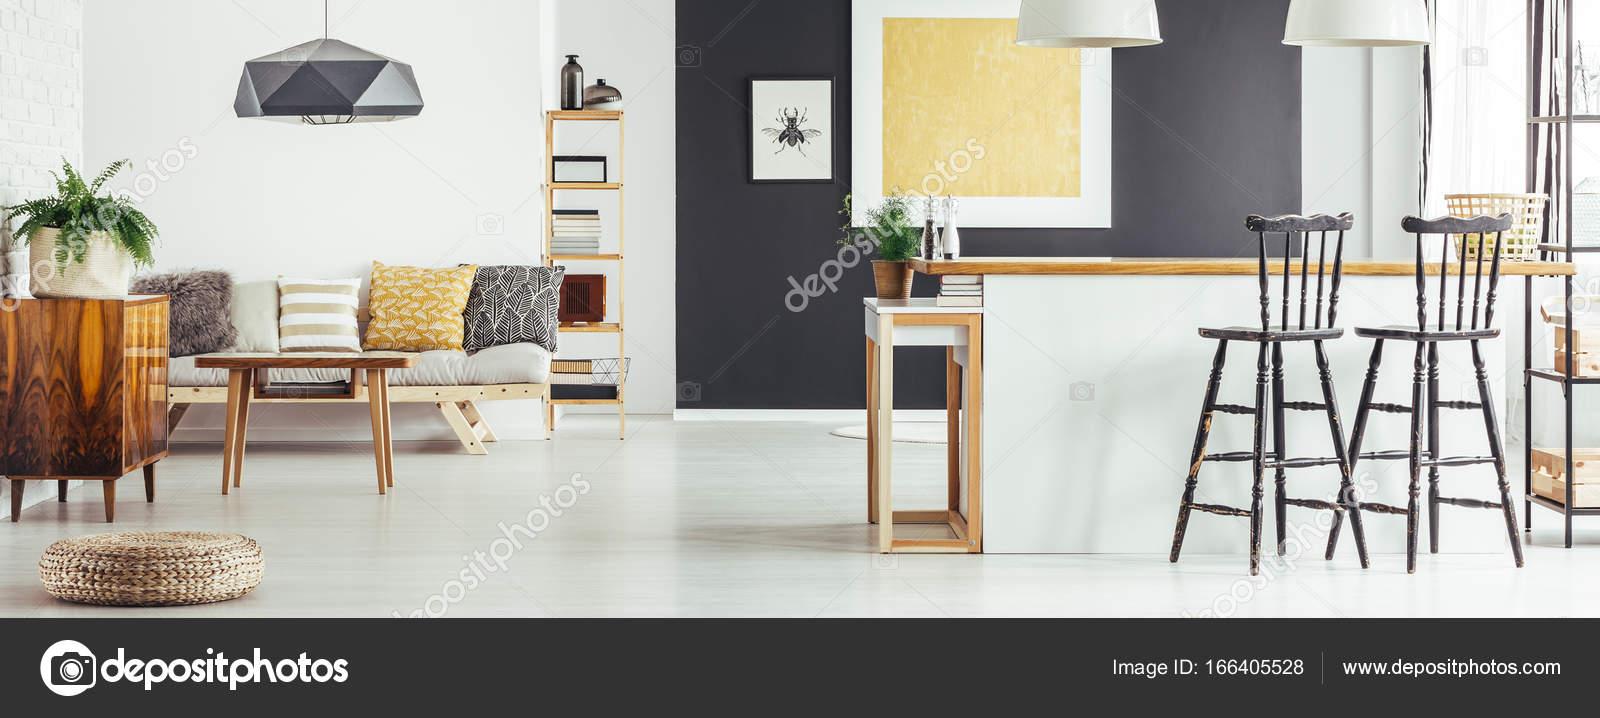 Einfach Sofa und Küche Insel — Stockfoto © photographee.eu #166405528